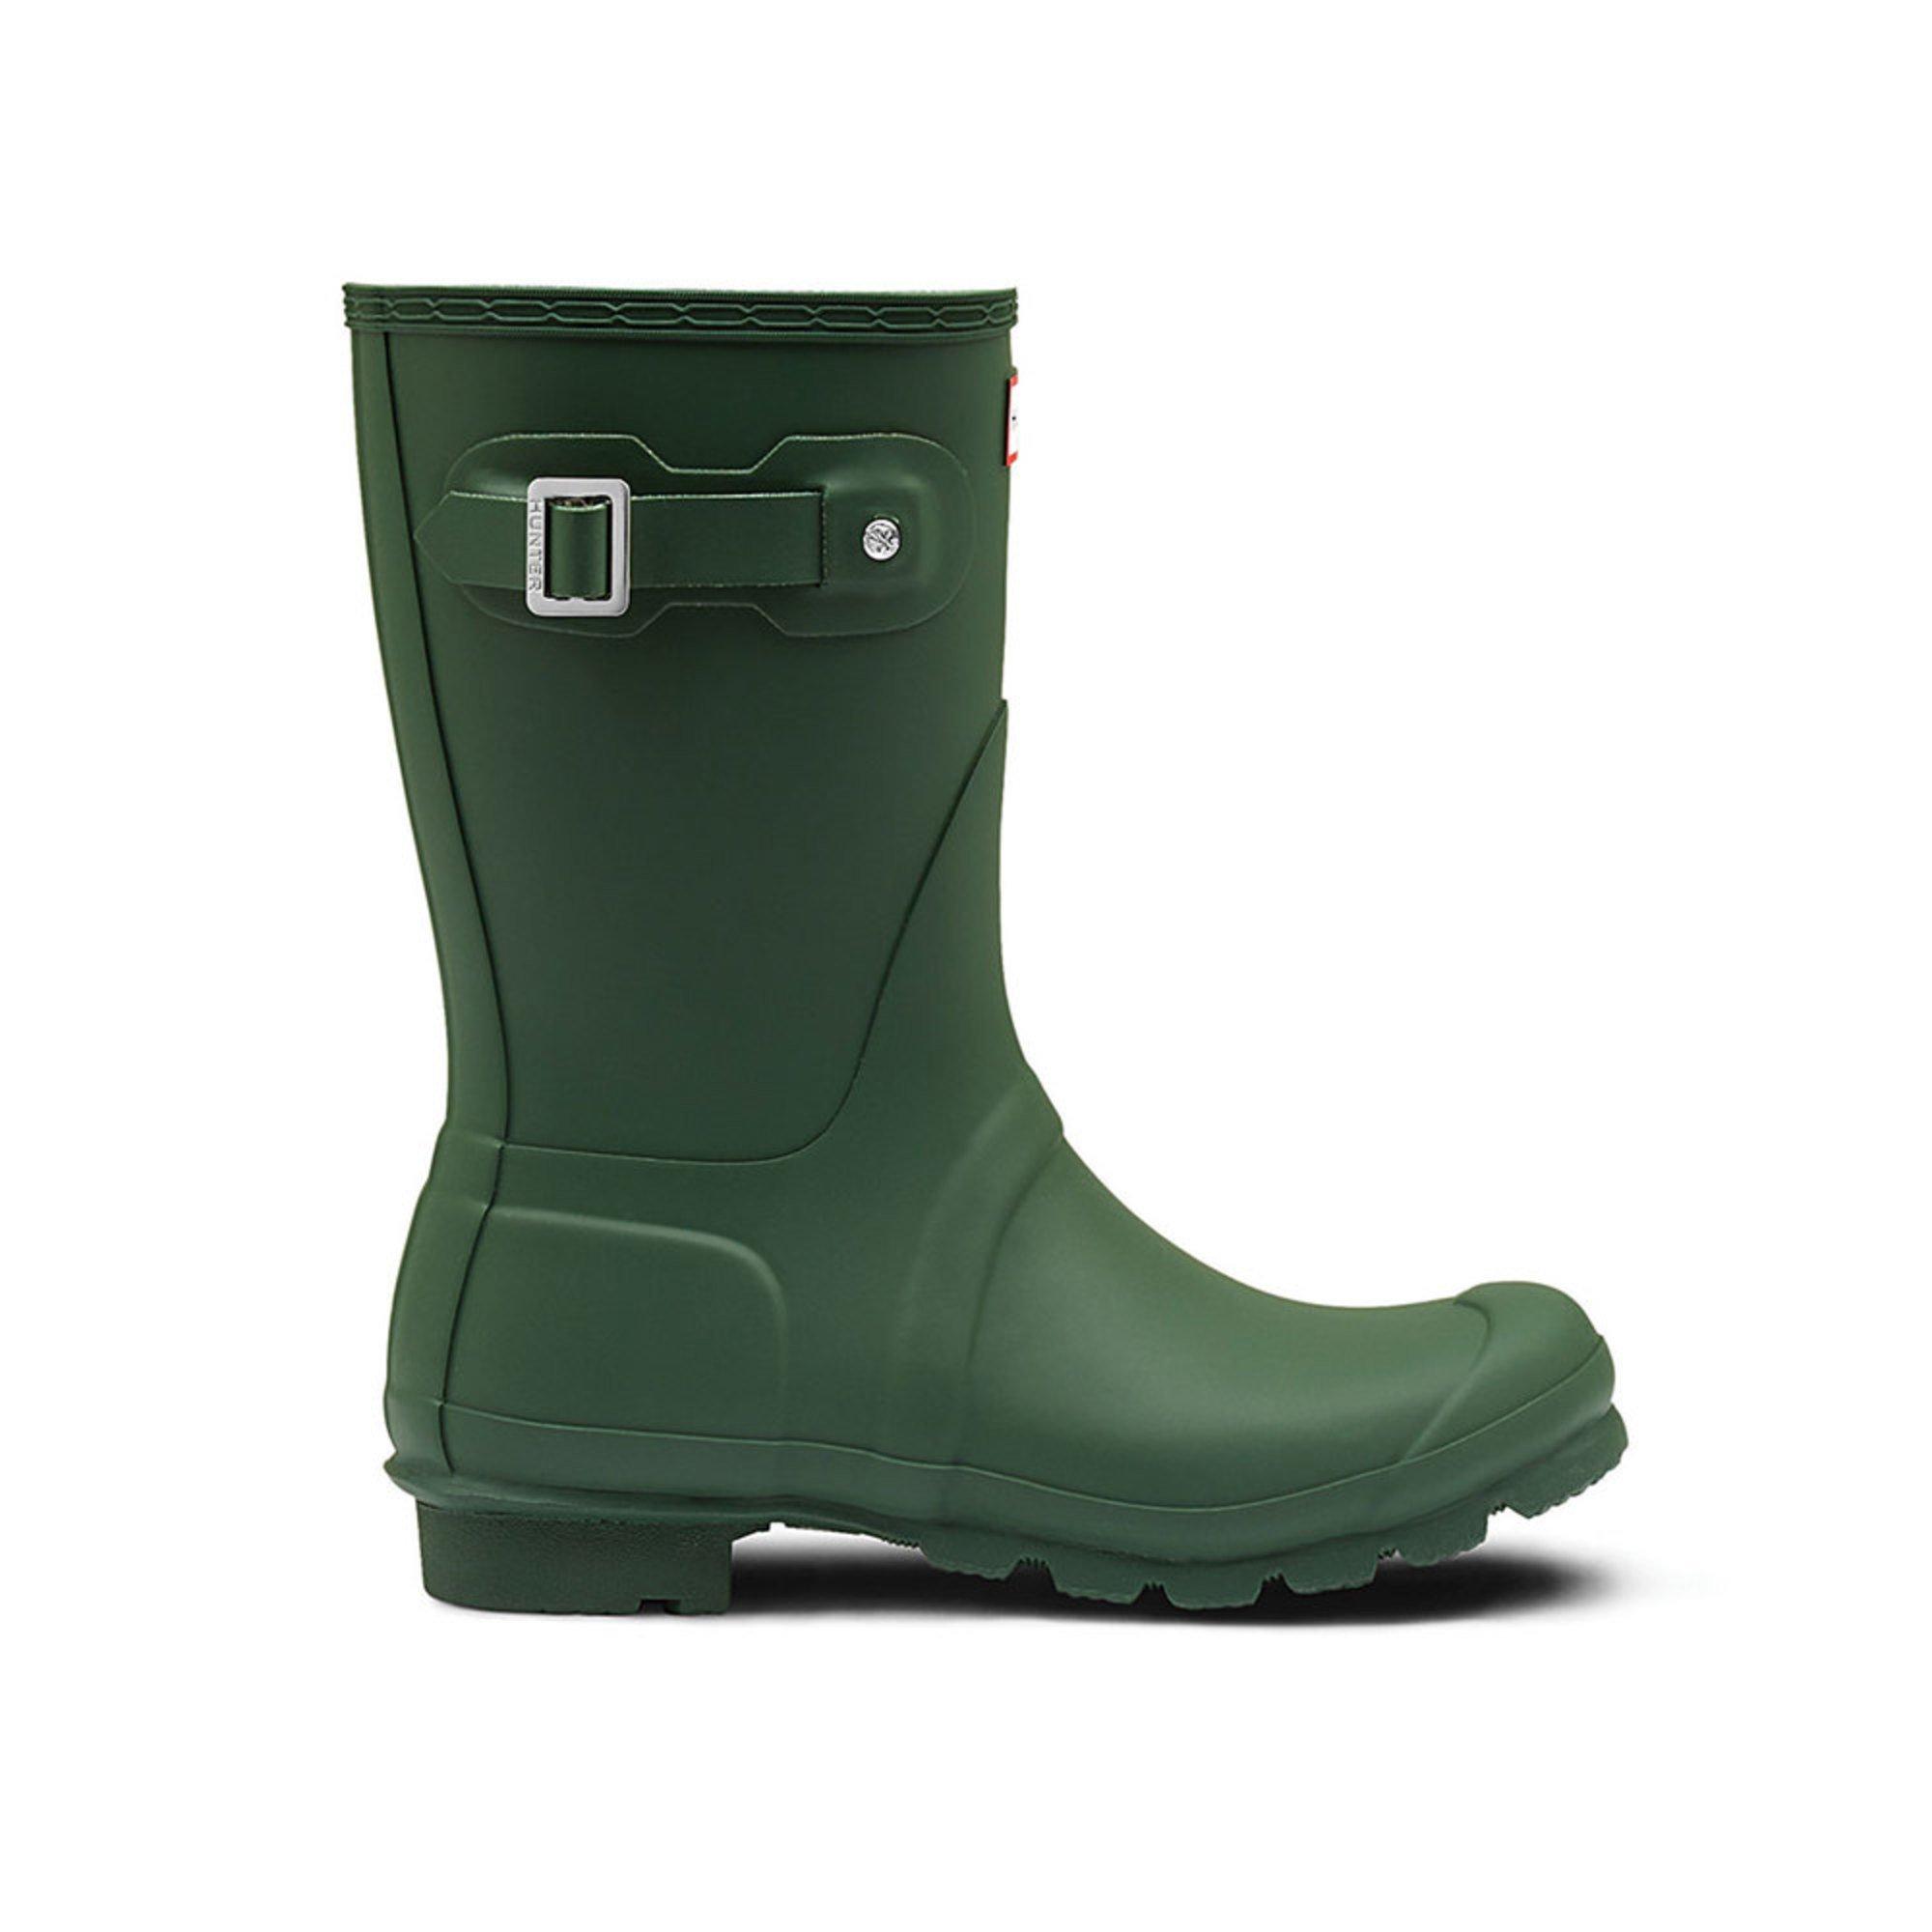 cb80f2e278 Hunter Boot. Hunter Boot Women s Original Short Matte Rainboot